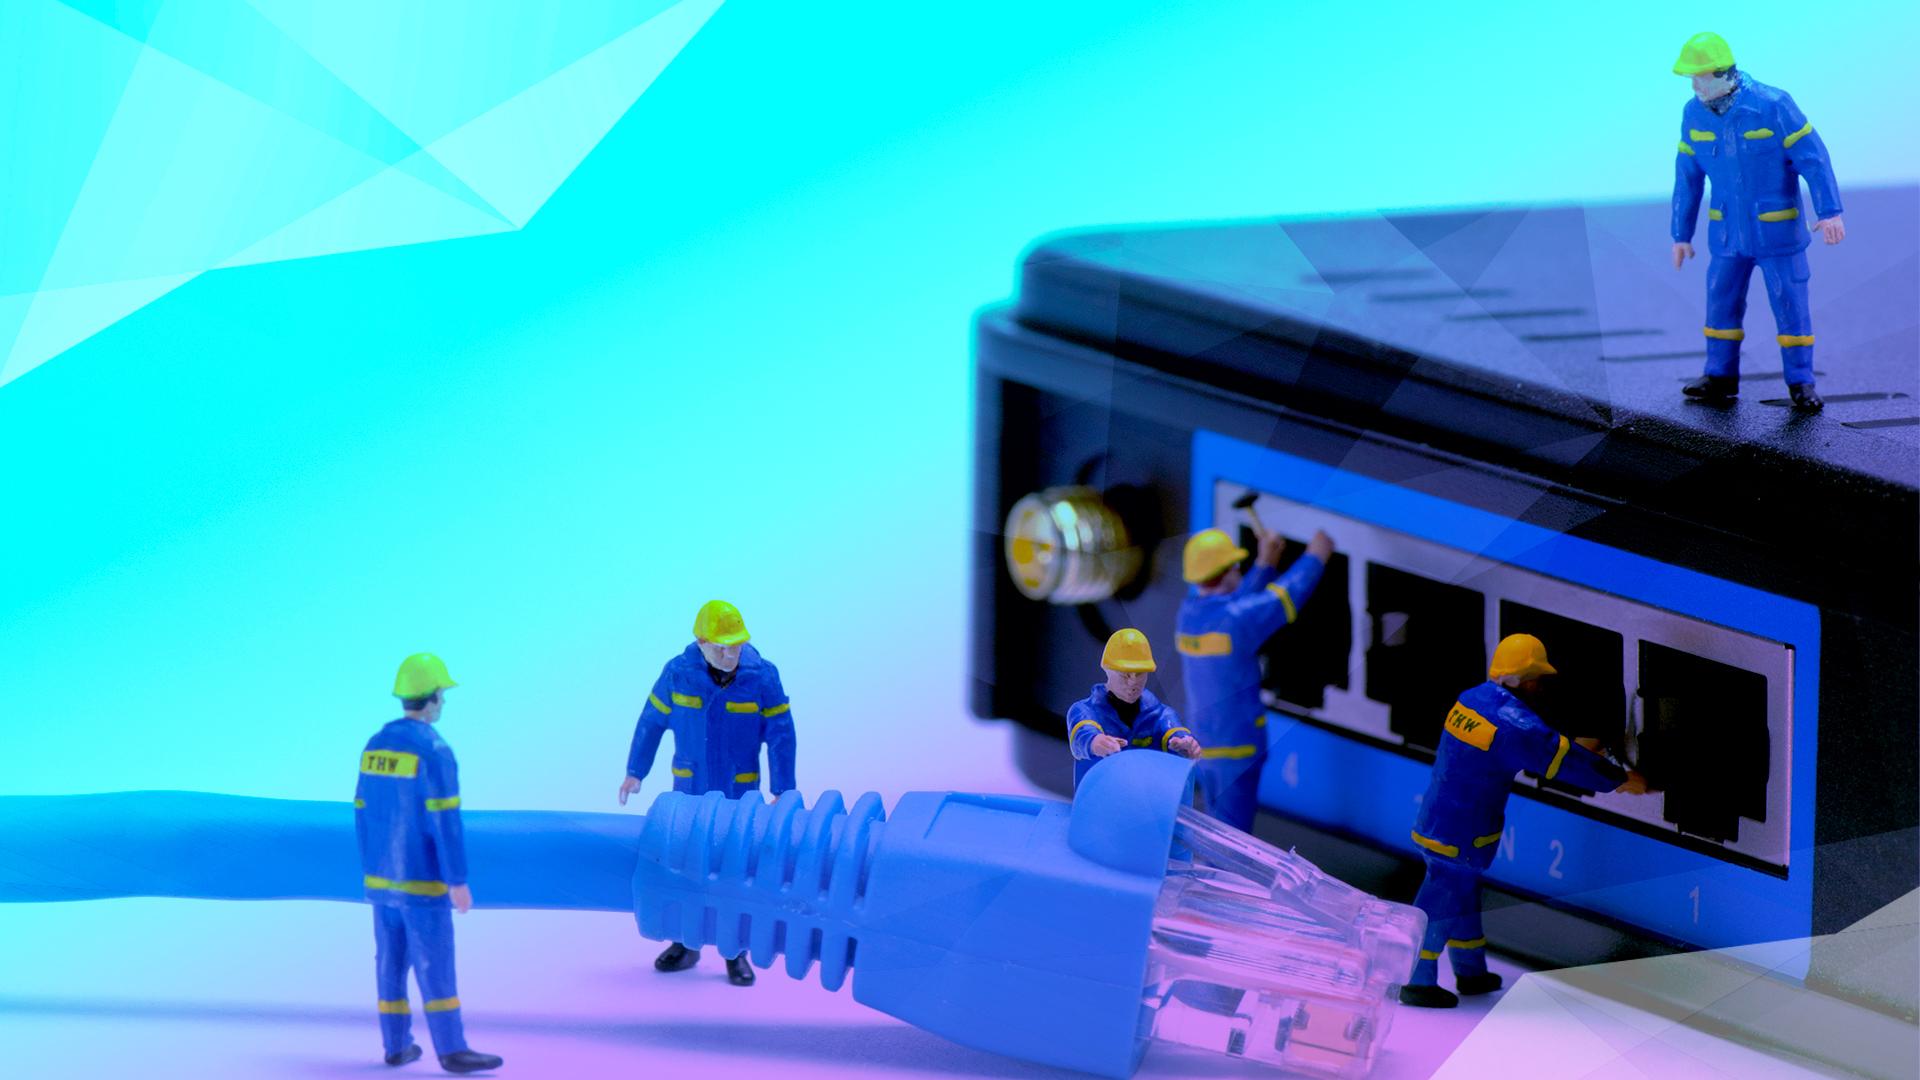 Router, Netzwerk, Breitband, Switch, Netzausbau, Dsl, Glasfaser, Datenübertragung, Kabel, Kabelnetz, Ethernet, Vernetzung, Breitband Ausbau, Fiber, Breitbandausbau, Breitband Abdeckung, Bauarbeiter, Figuren